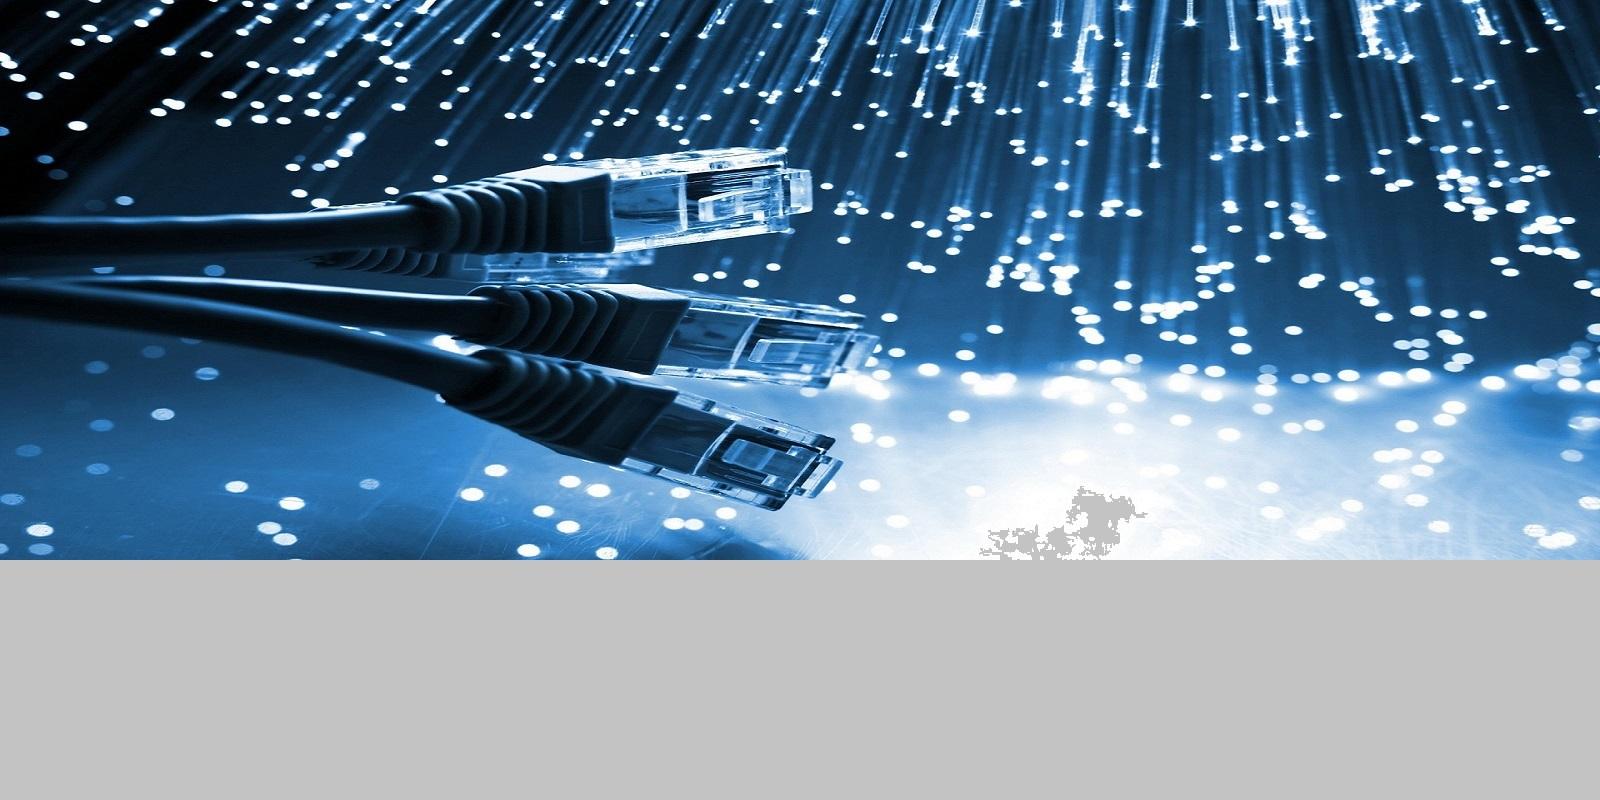 خدمات شبکه و ارتباطات